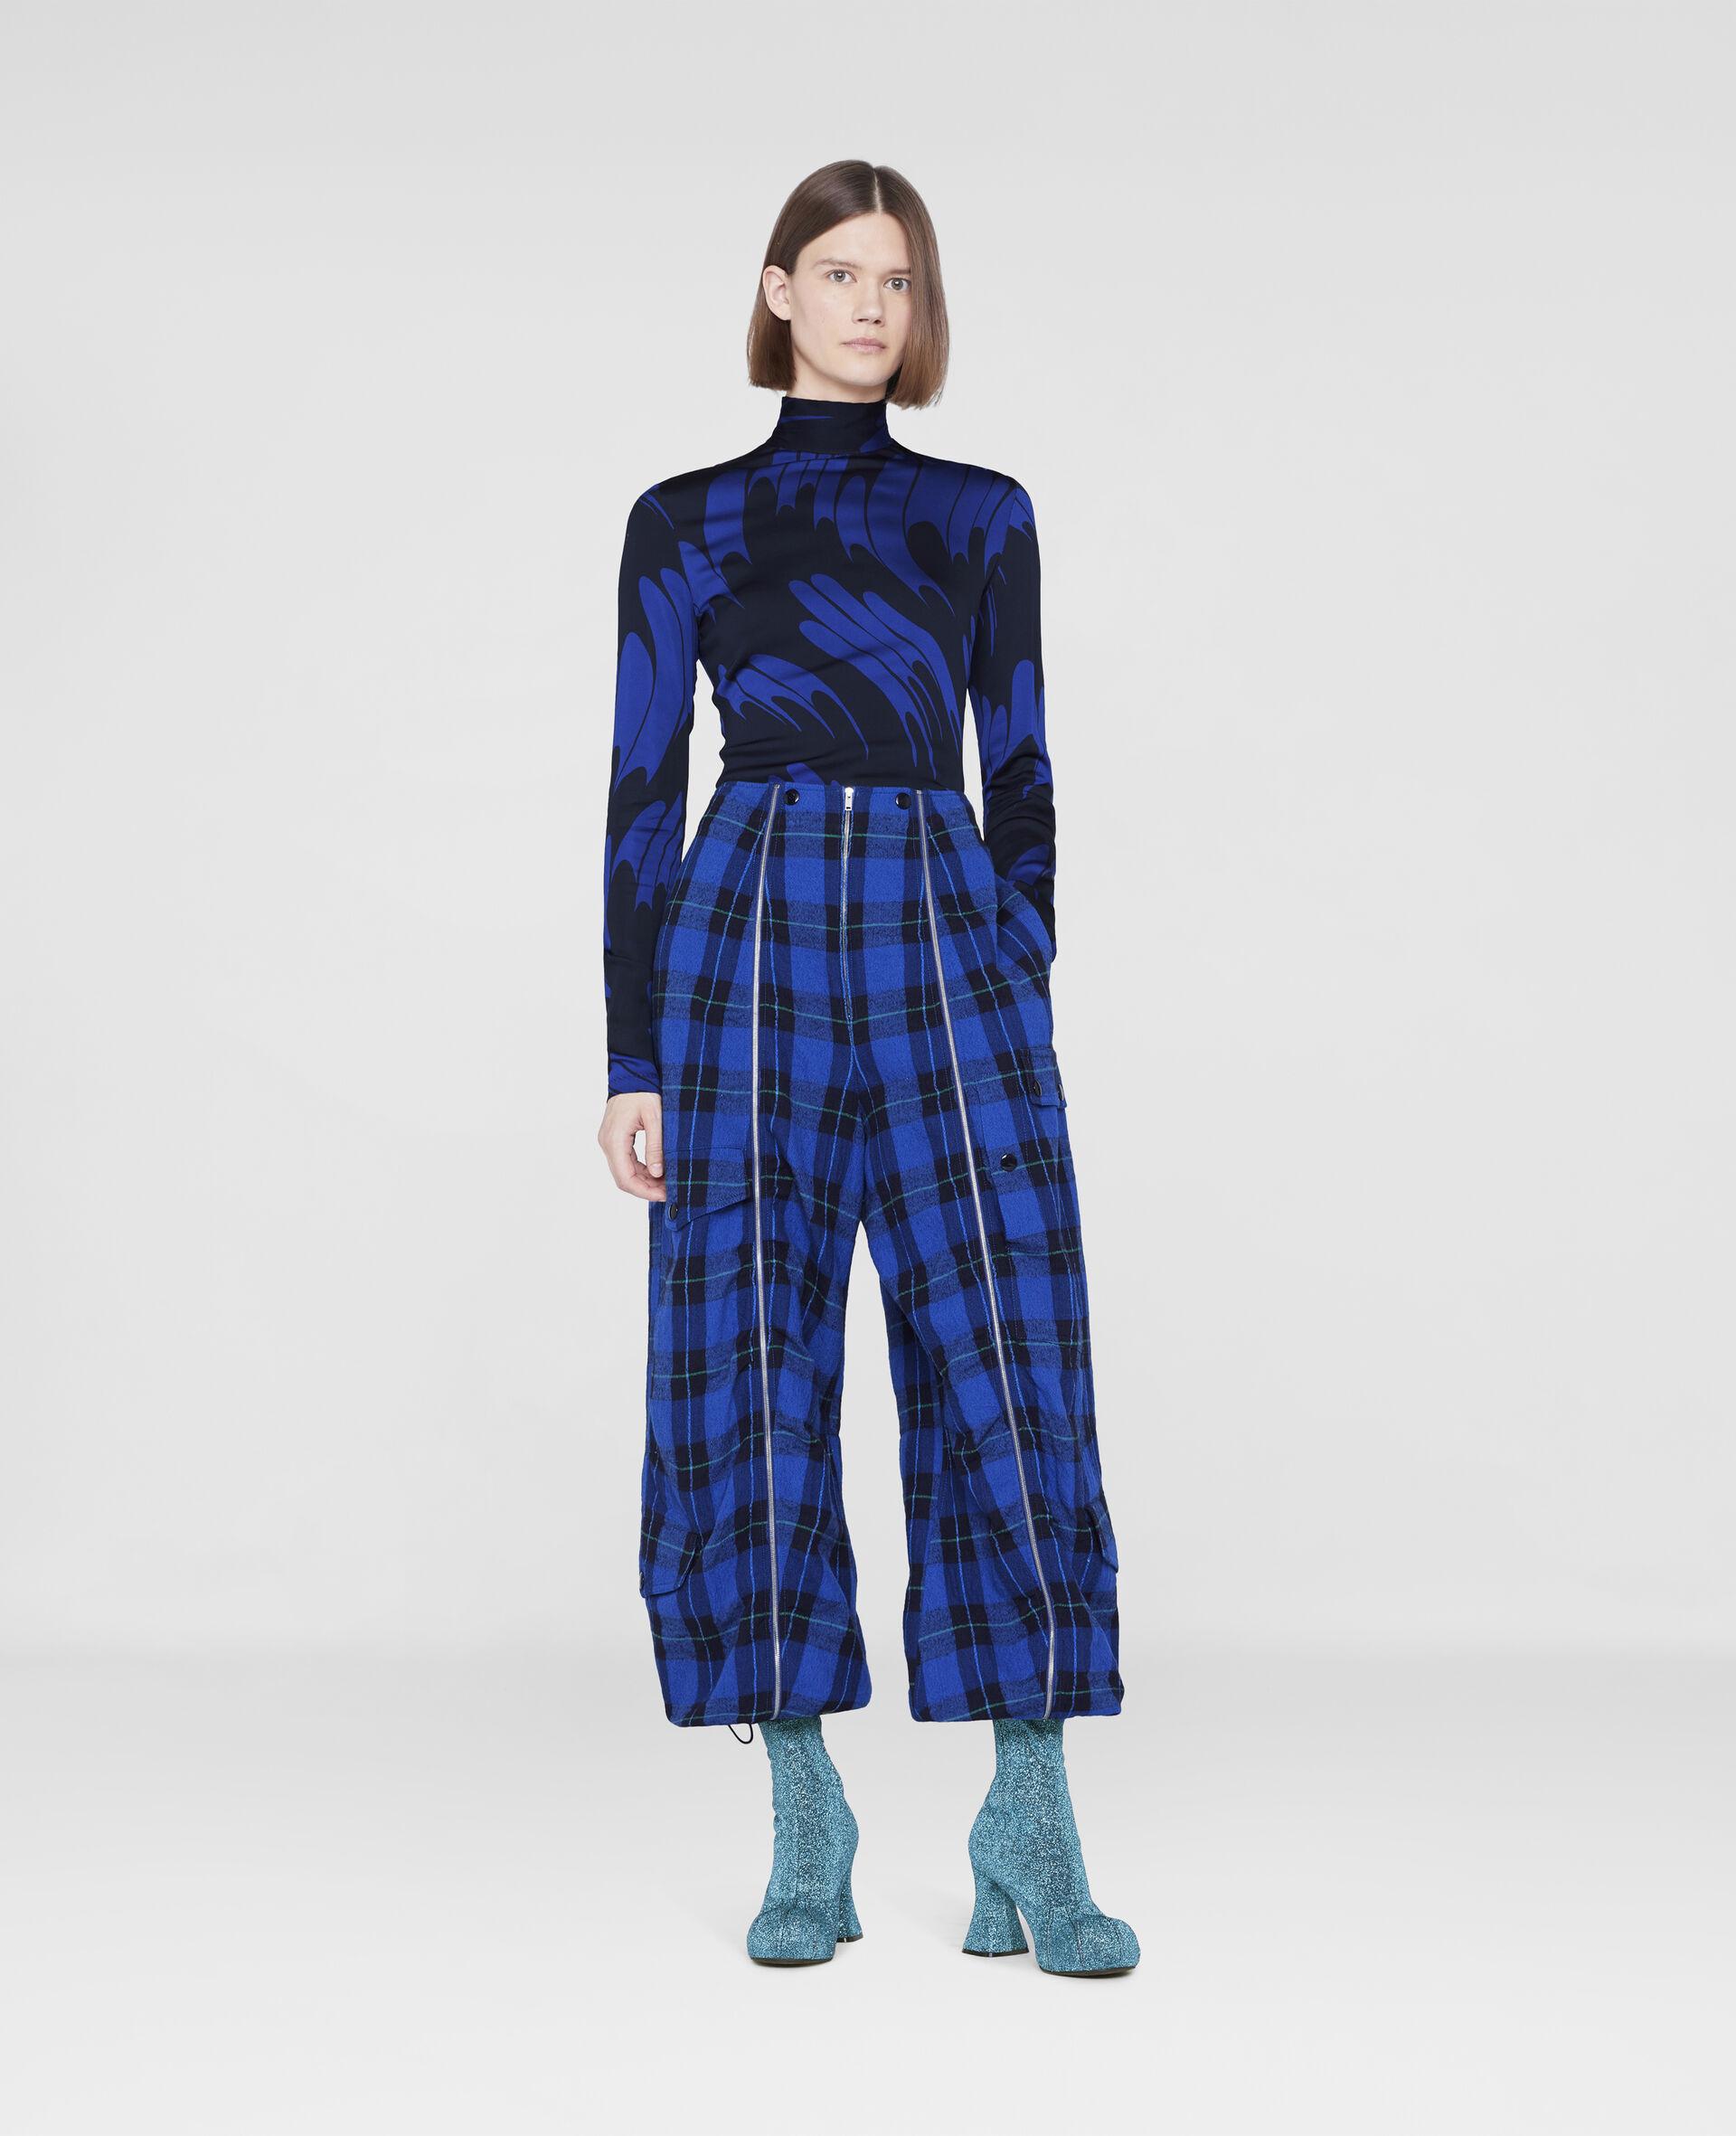 Pantaloni Nella-Fantasia-large image number 1